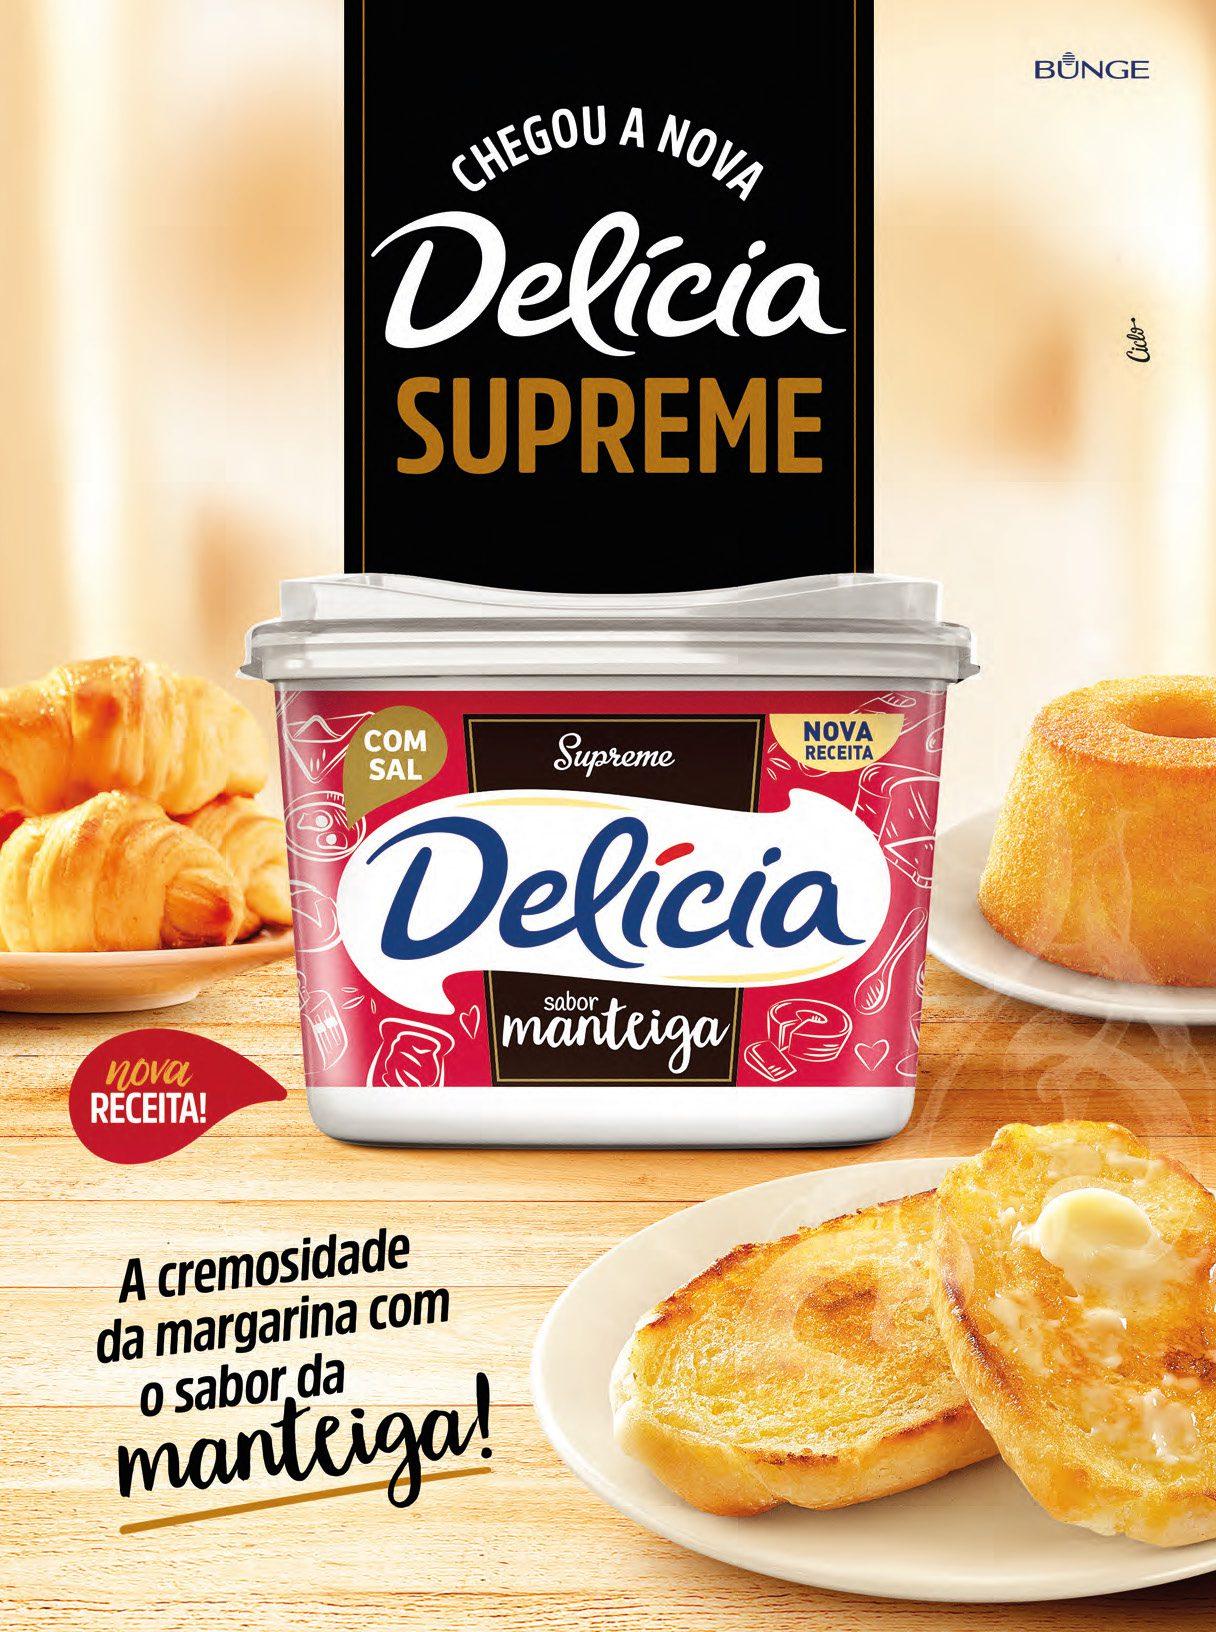 anuncio-delicia-db-318